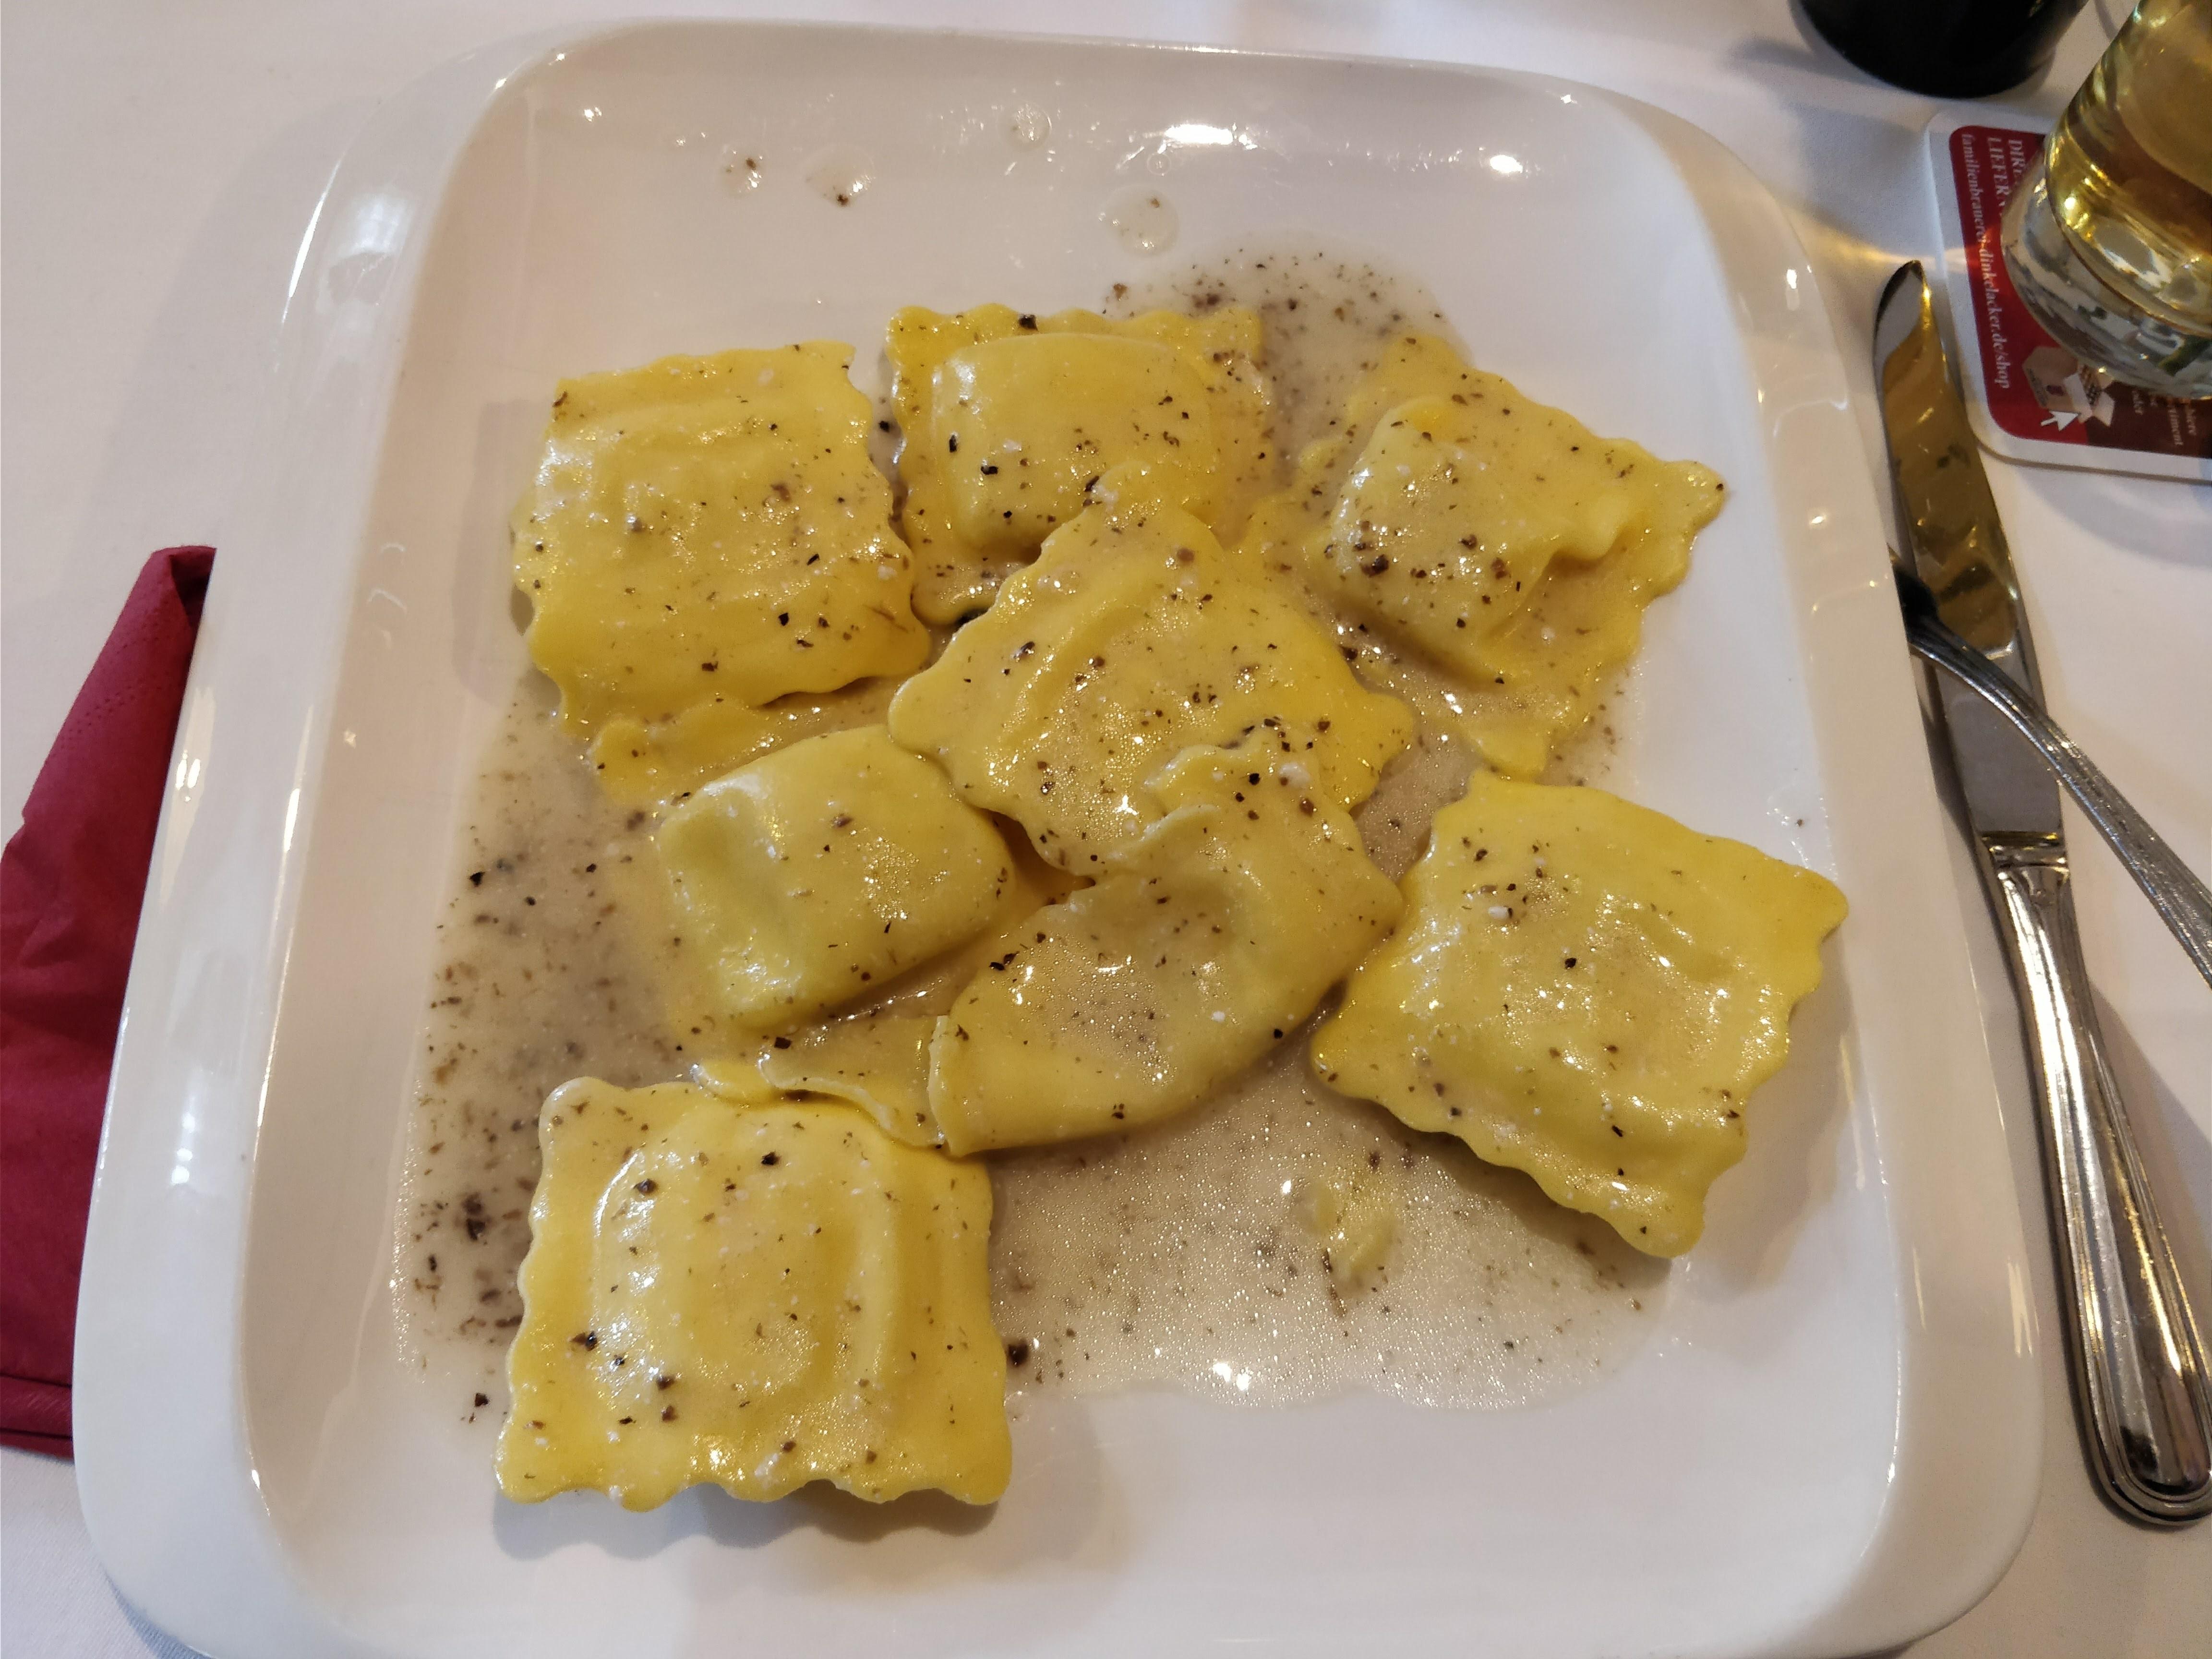 https://foodloader.net/nico_2018-01-29_trueffel-tortellini-in-sahne-sauce.jpg